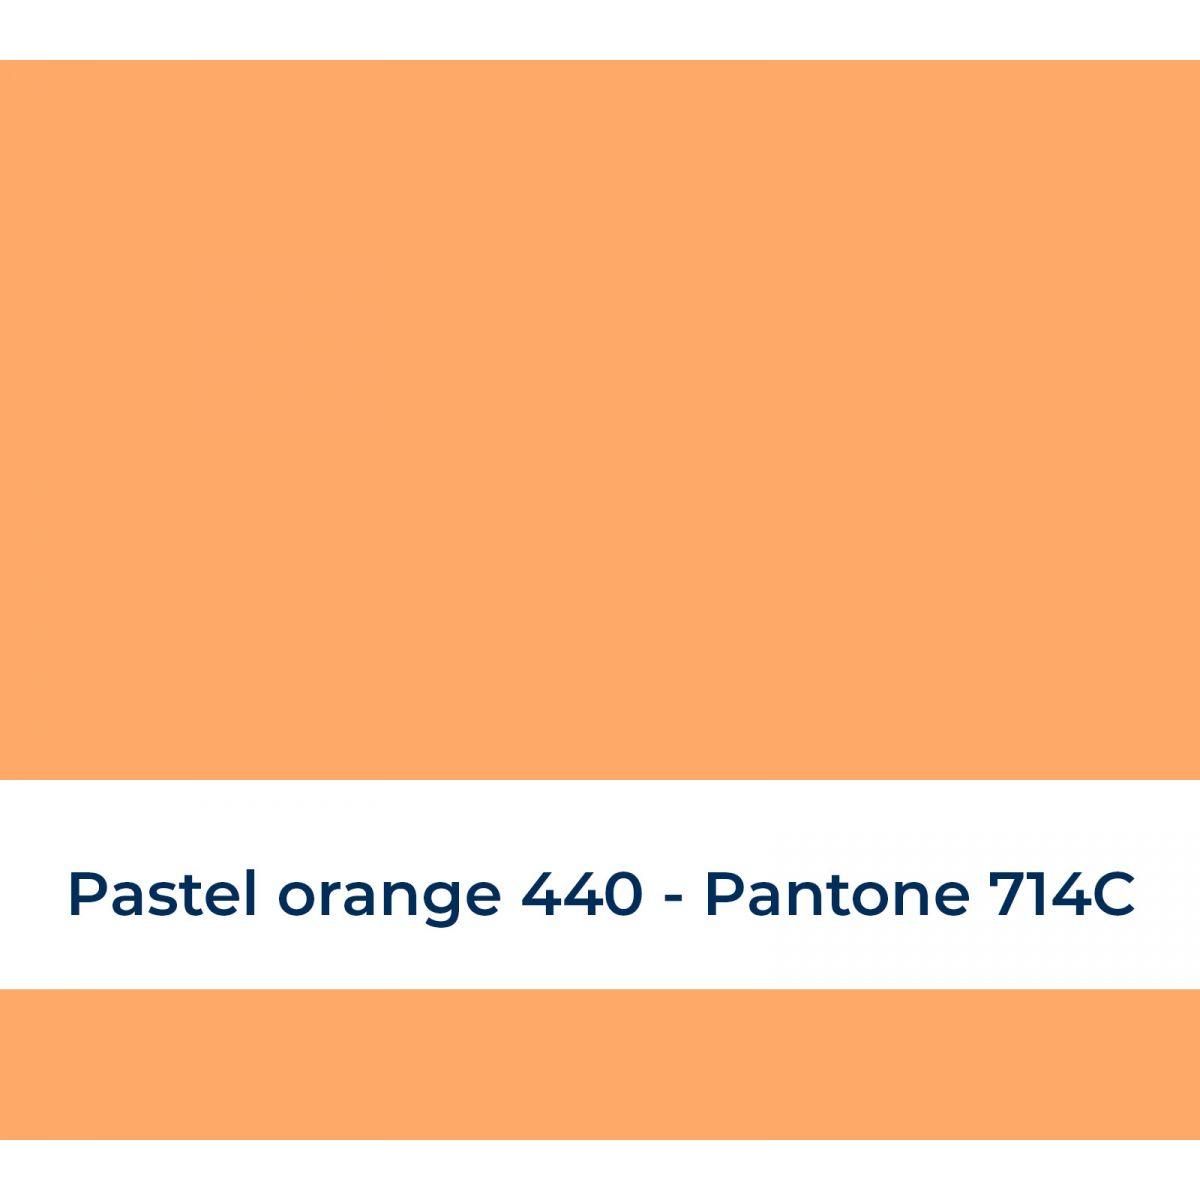 Hotmark Pastel orange 440